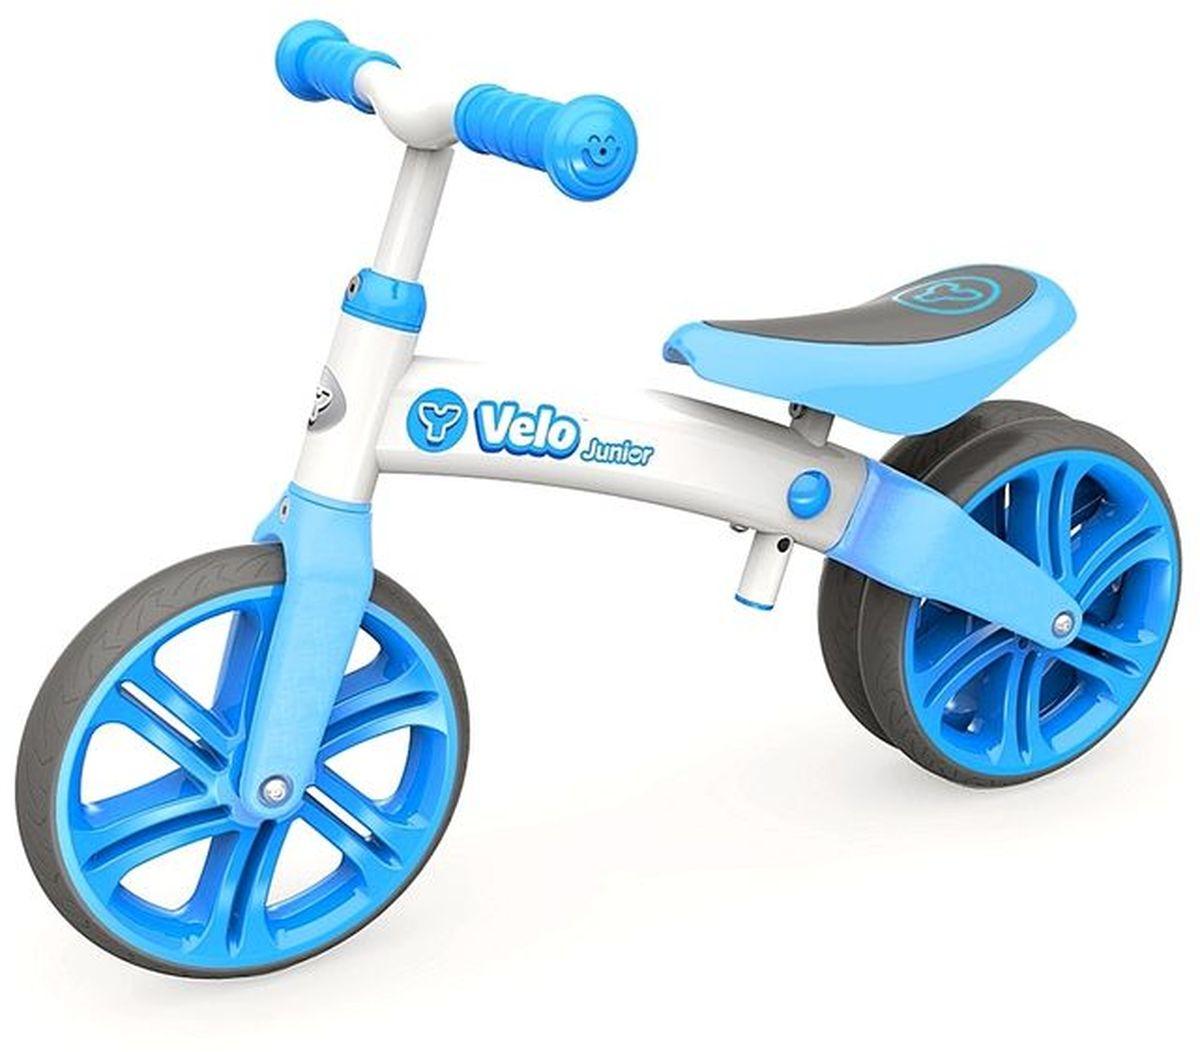 все цены на Y-Volution Беговел двухколесный Velo Junior с двойным колесом цвет голубой онлайн